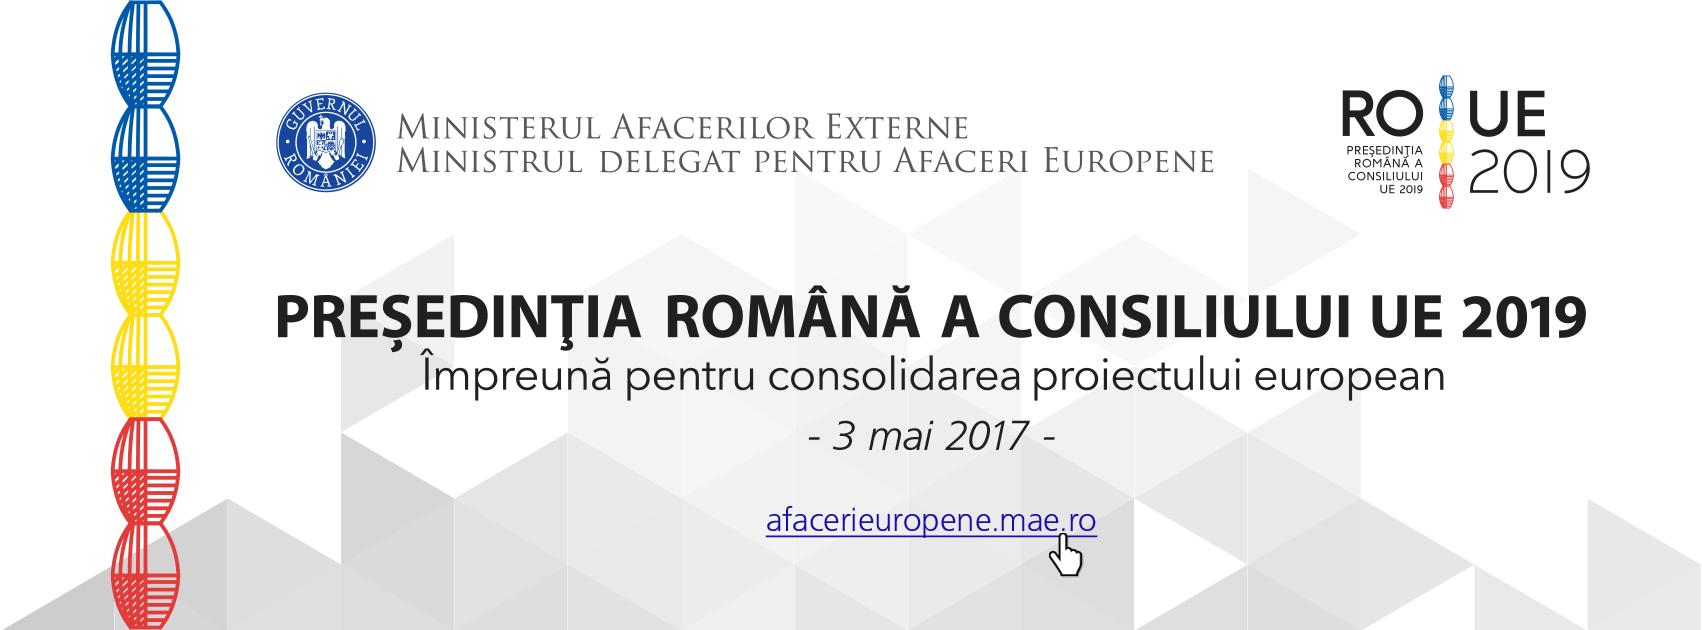 Împreună pentru consolidarea proiectului european